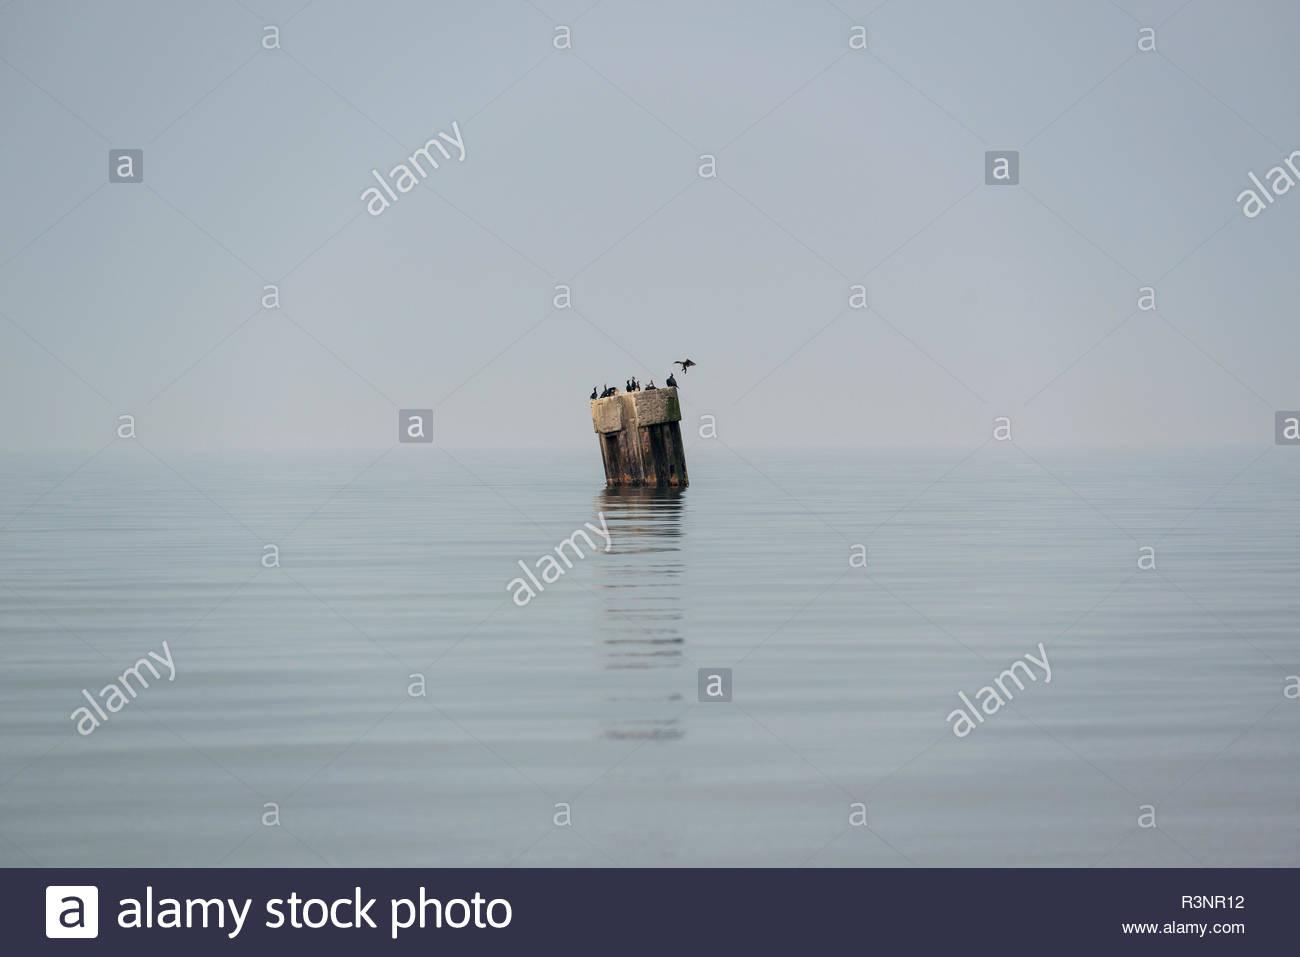 Kormorane auf einem Stahlträger in der See - Stock Image